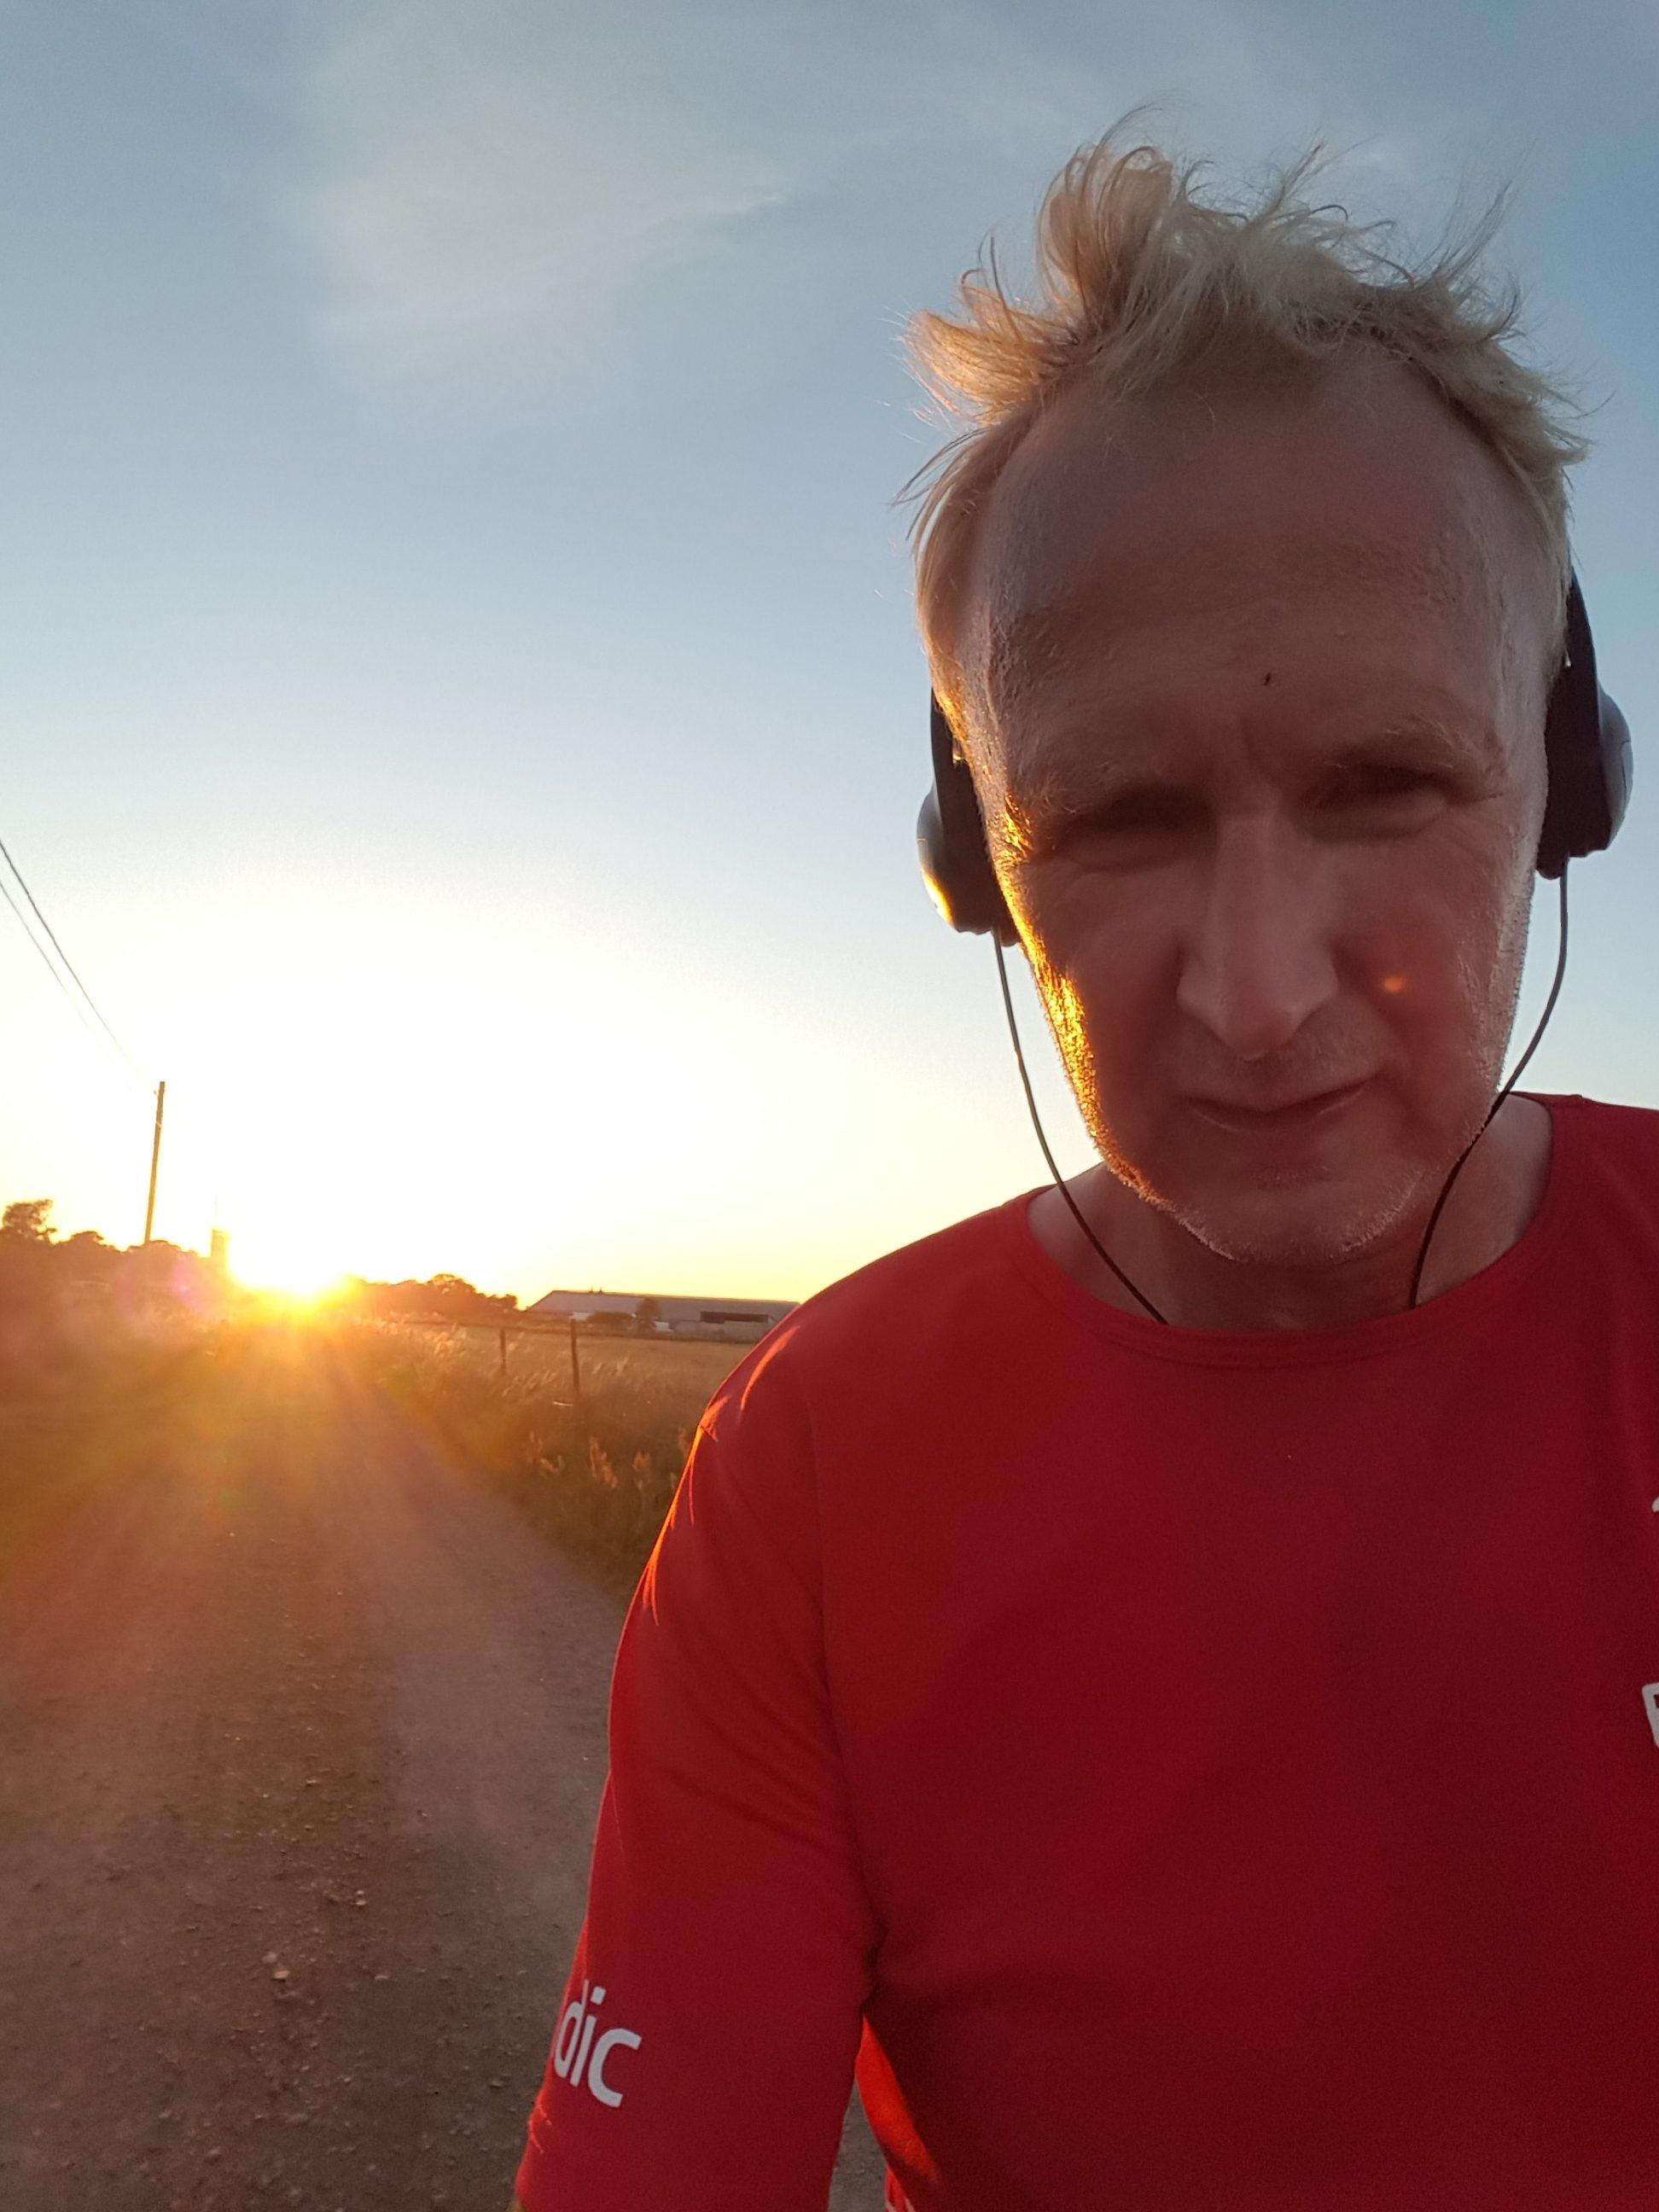 Det gäller och vara lite småländsk och envis. Att inte acceptera att det inte går att springa fort eller träna hårt fast man blir äldre.